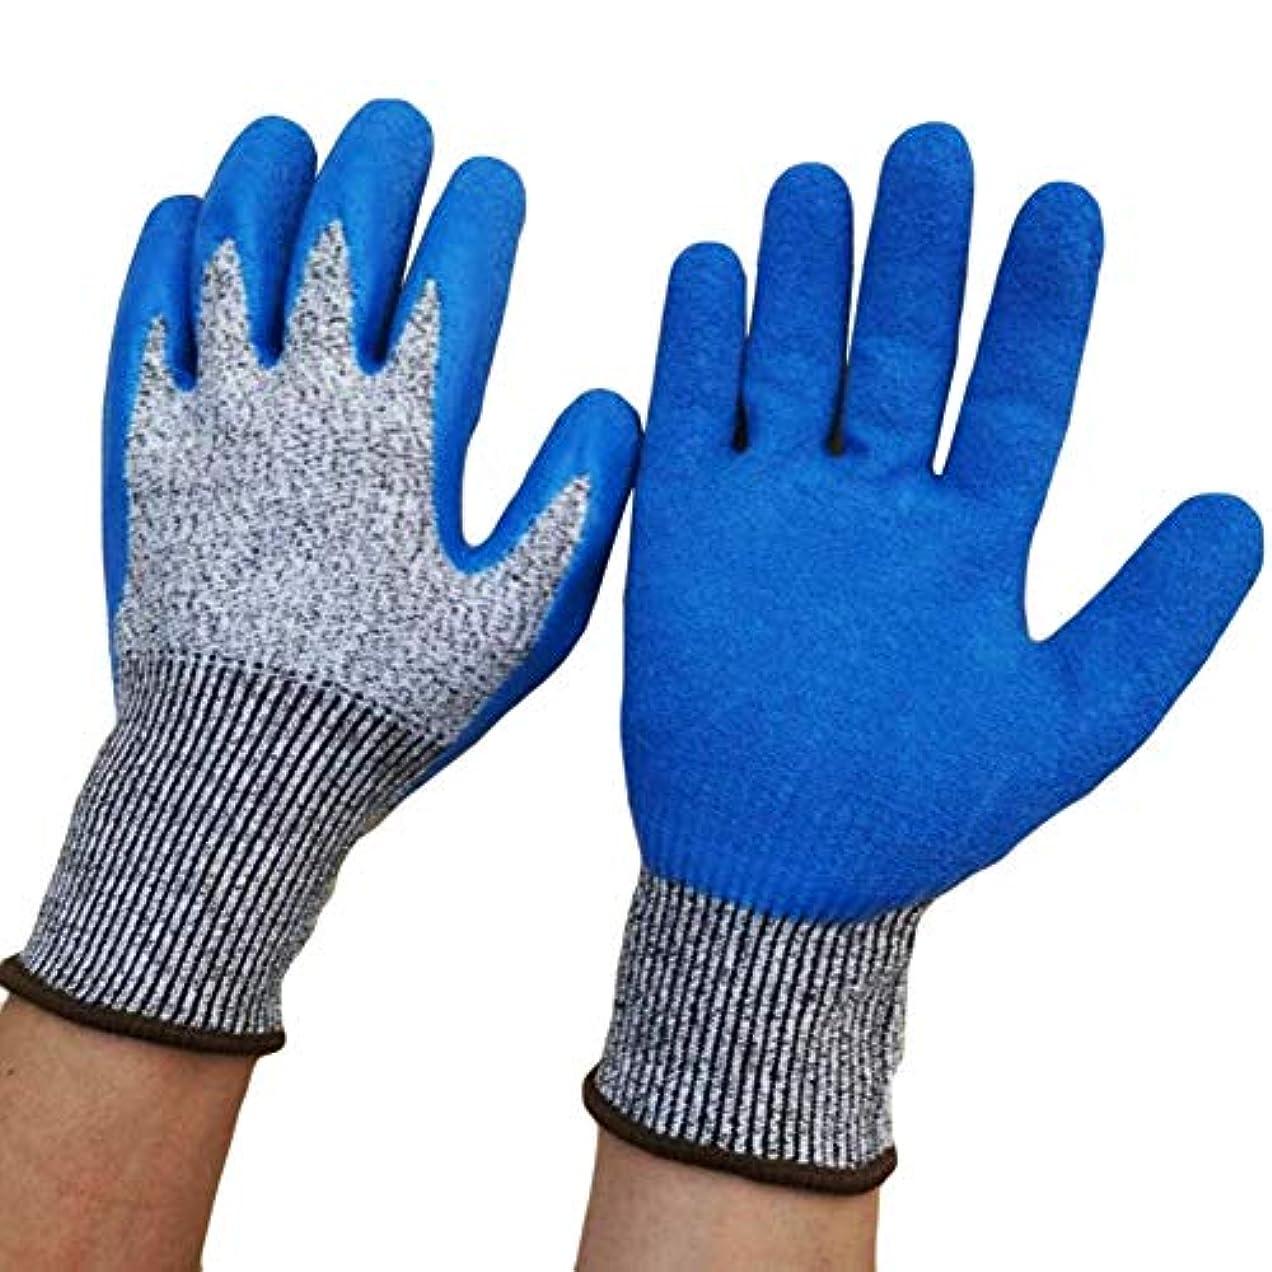 液体当社ジョリーカット耐性手袋-食品グレード、登り防止カット手袋安全カット証明、耐刺傷性レベル5保護作業、キッチン肉屋屋外探索カット耐性グローブ